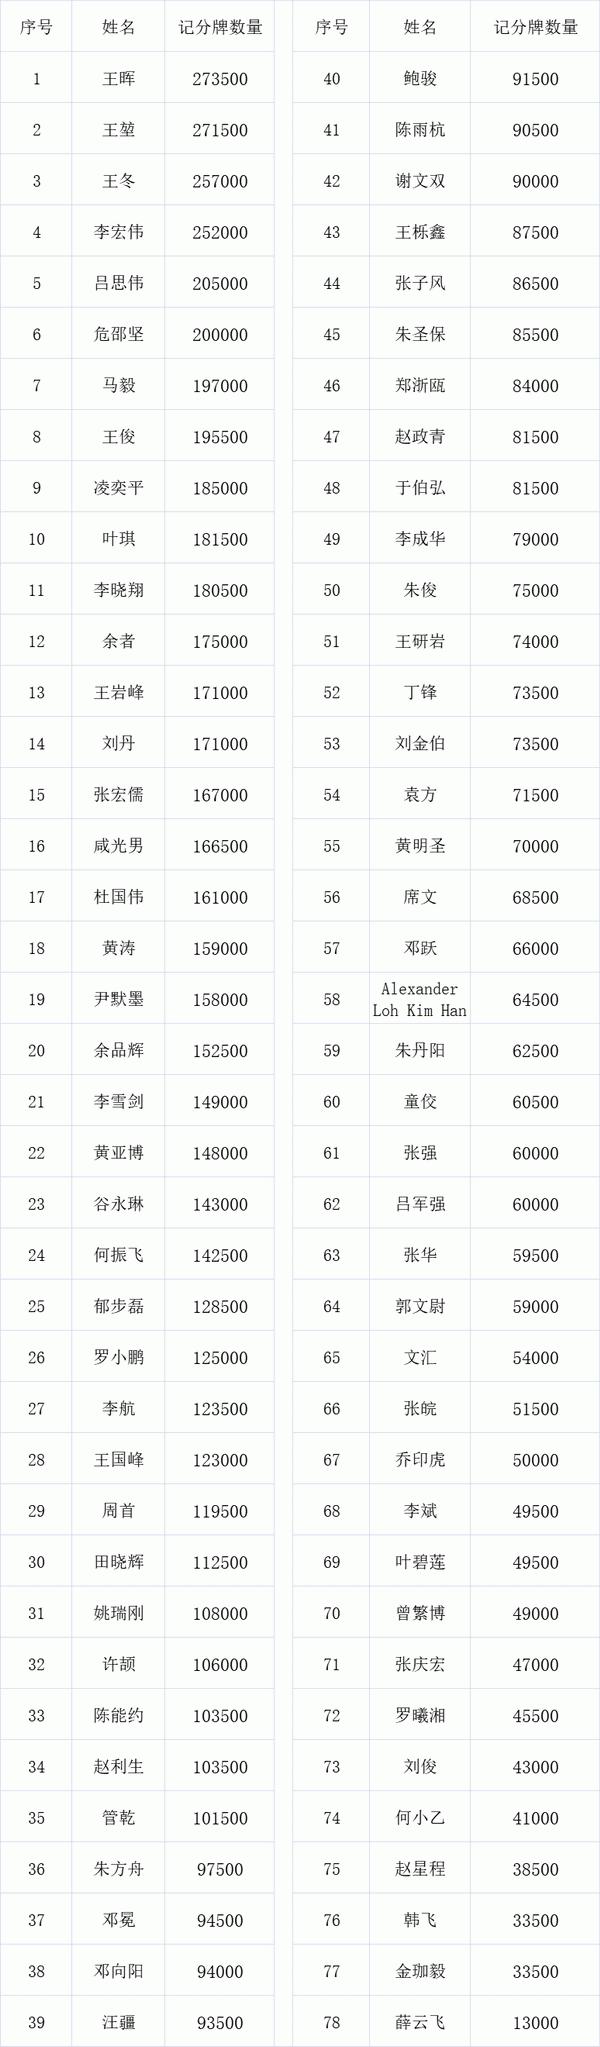 【蜗牛棋牌】2021 TPC老虎杯 | 主赛总人数1422人,其中370位选手进入第二轮!